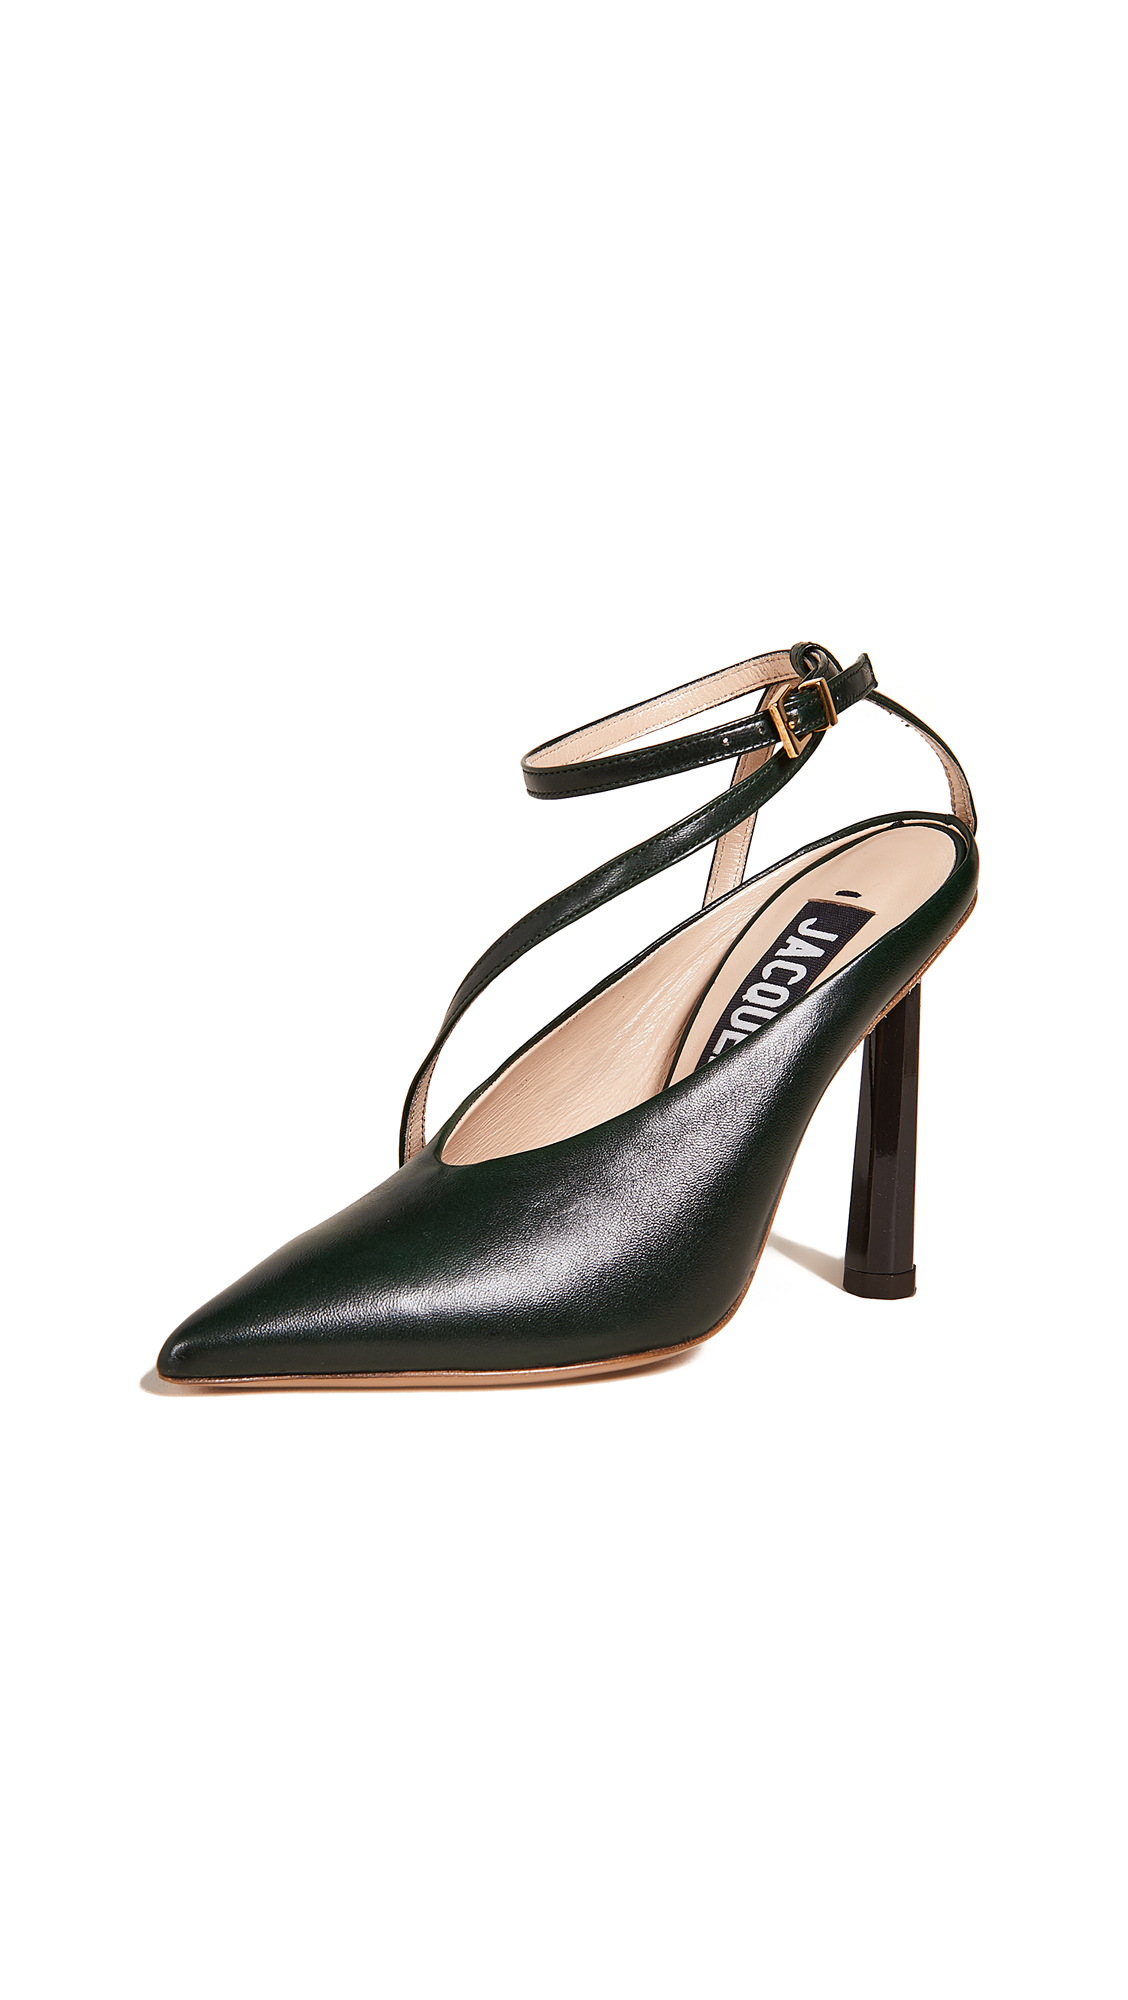 Jacquemus Les Chaussures Faya Pumps - Green